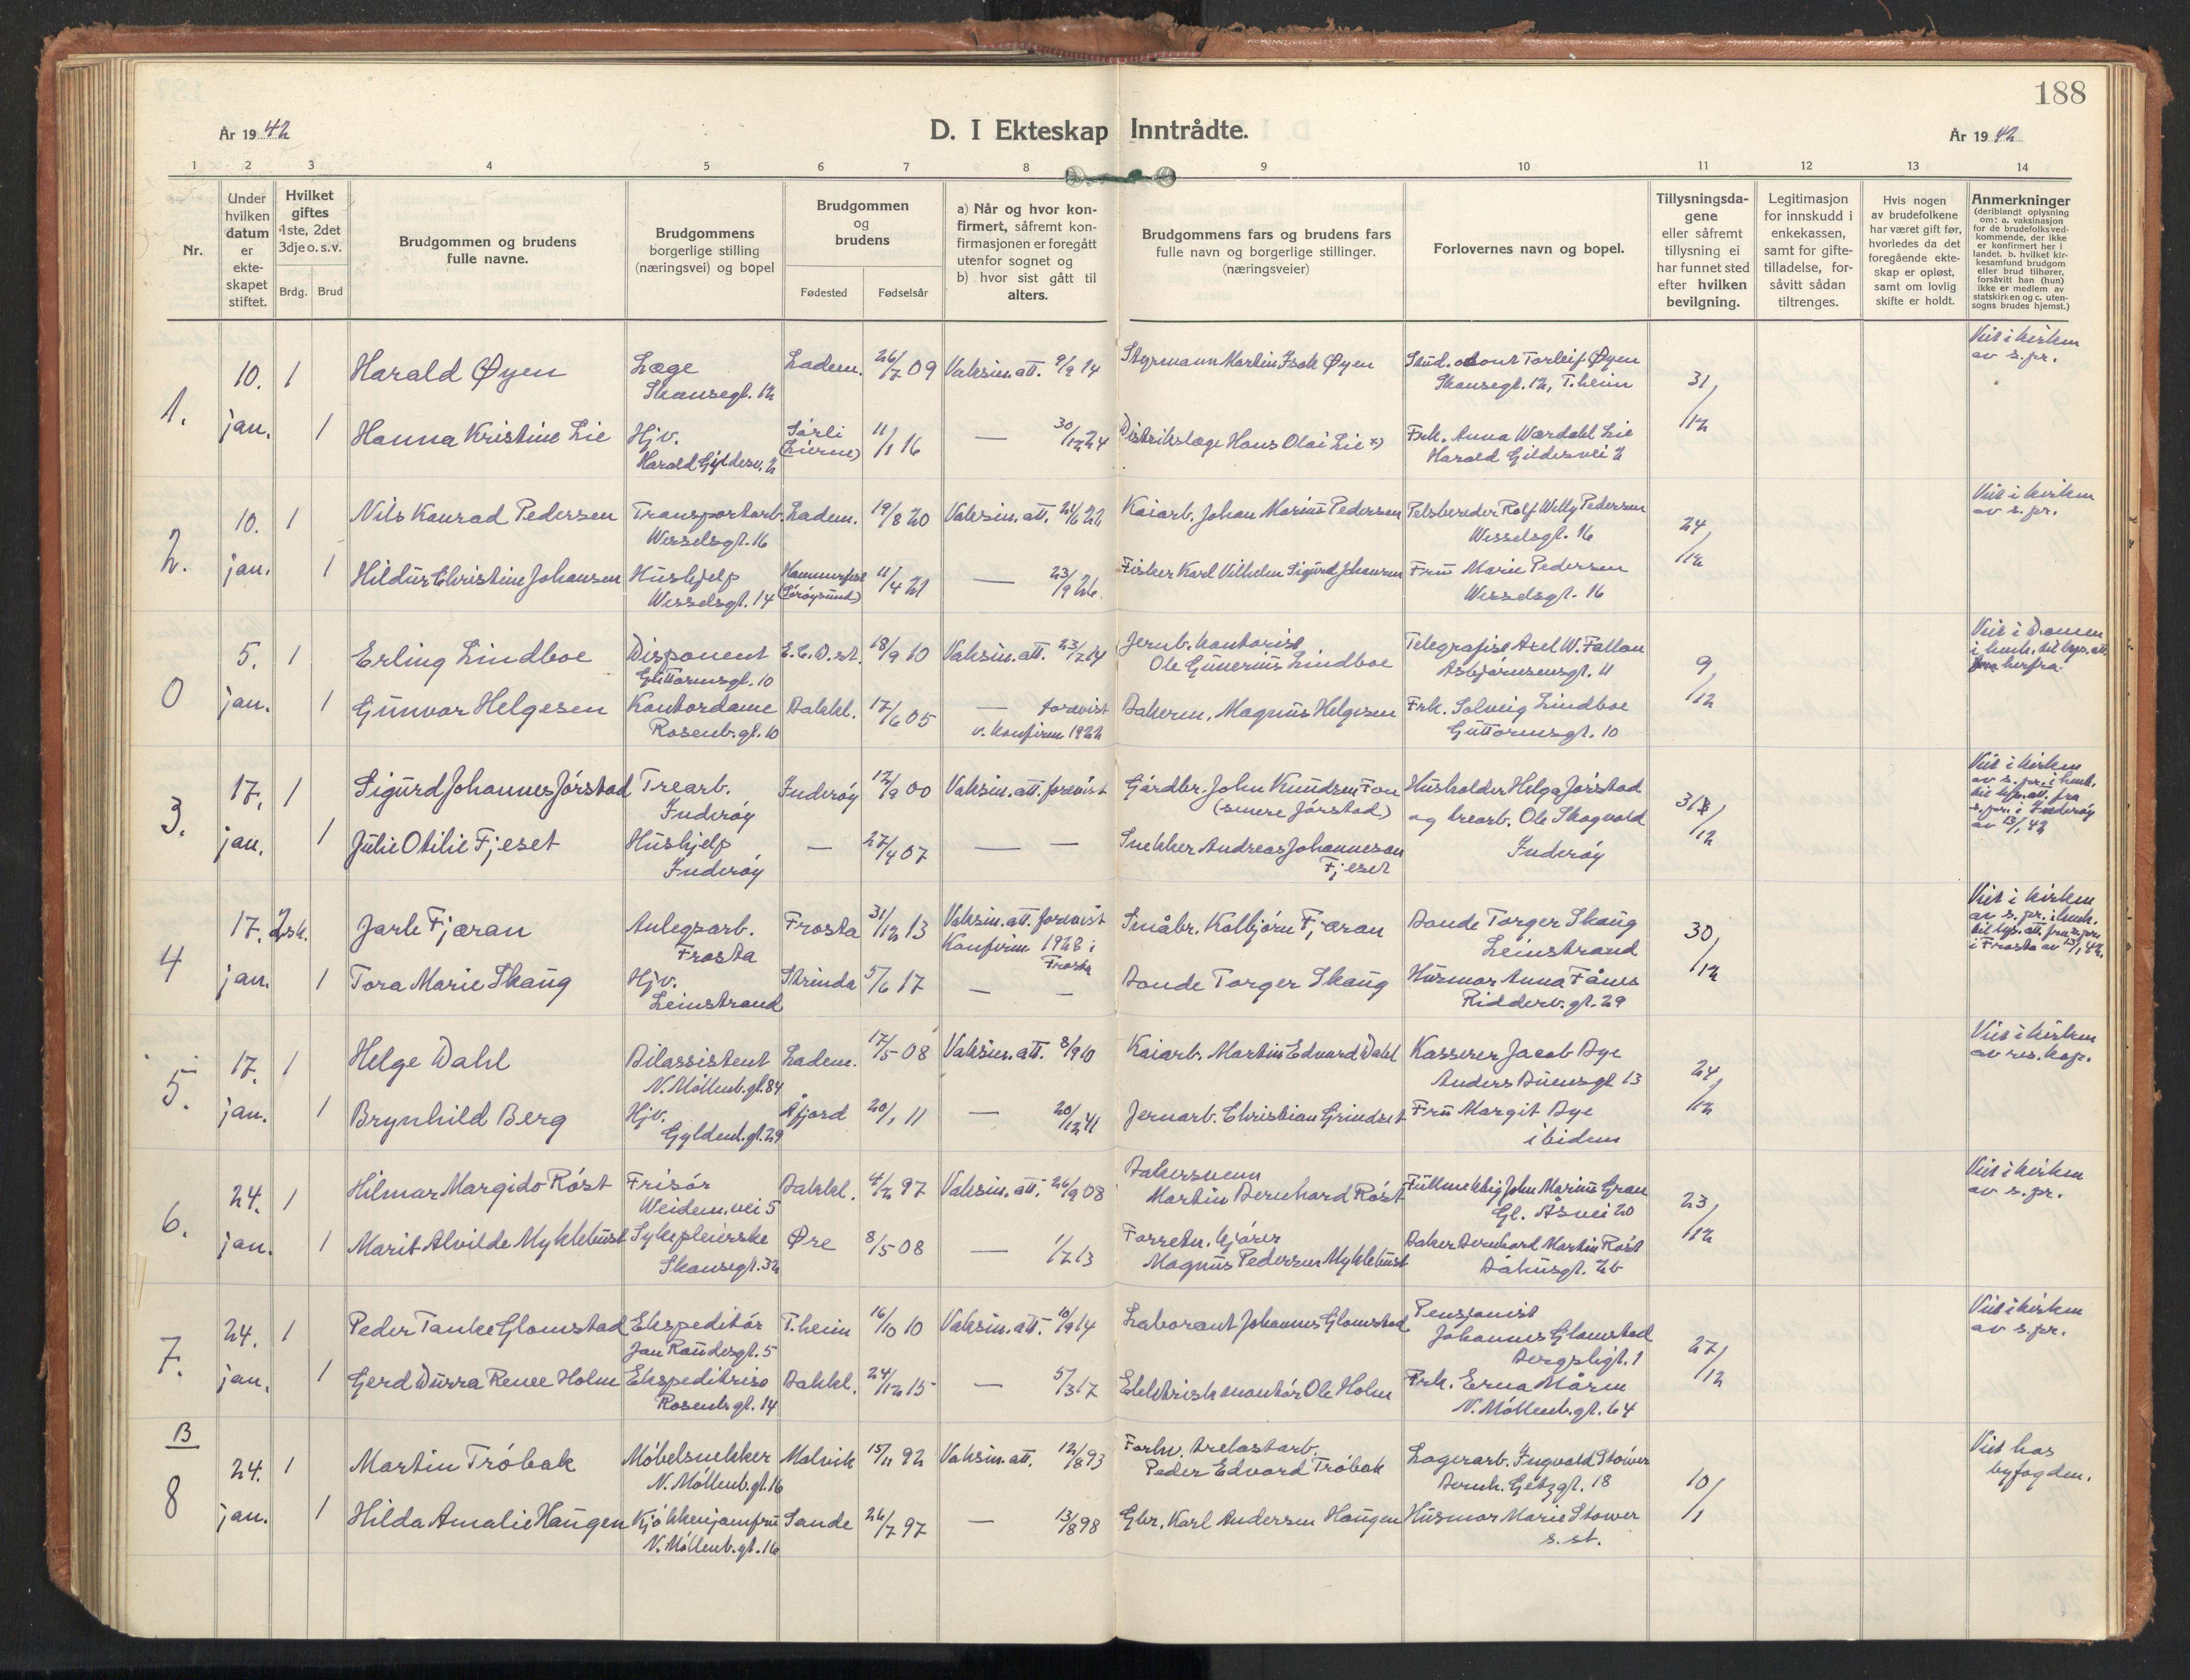 SAT, Ministerialprotokoller, klokkerbøker og fødselsregistre - Sør-Trøndelag, 604/L0209: Ministerialbok nr. 604A29, 1931-1945, s. 188